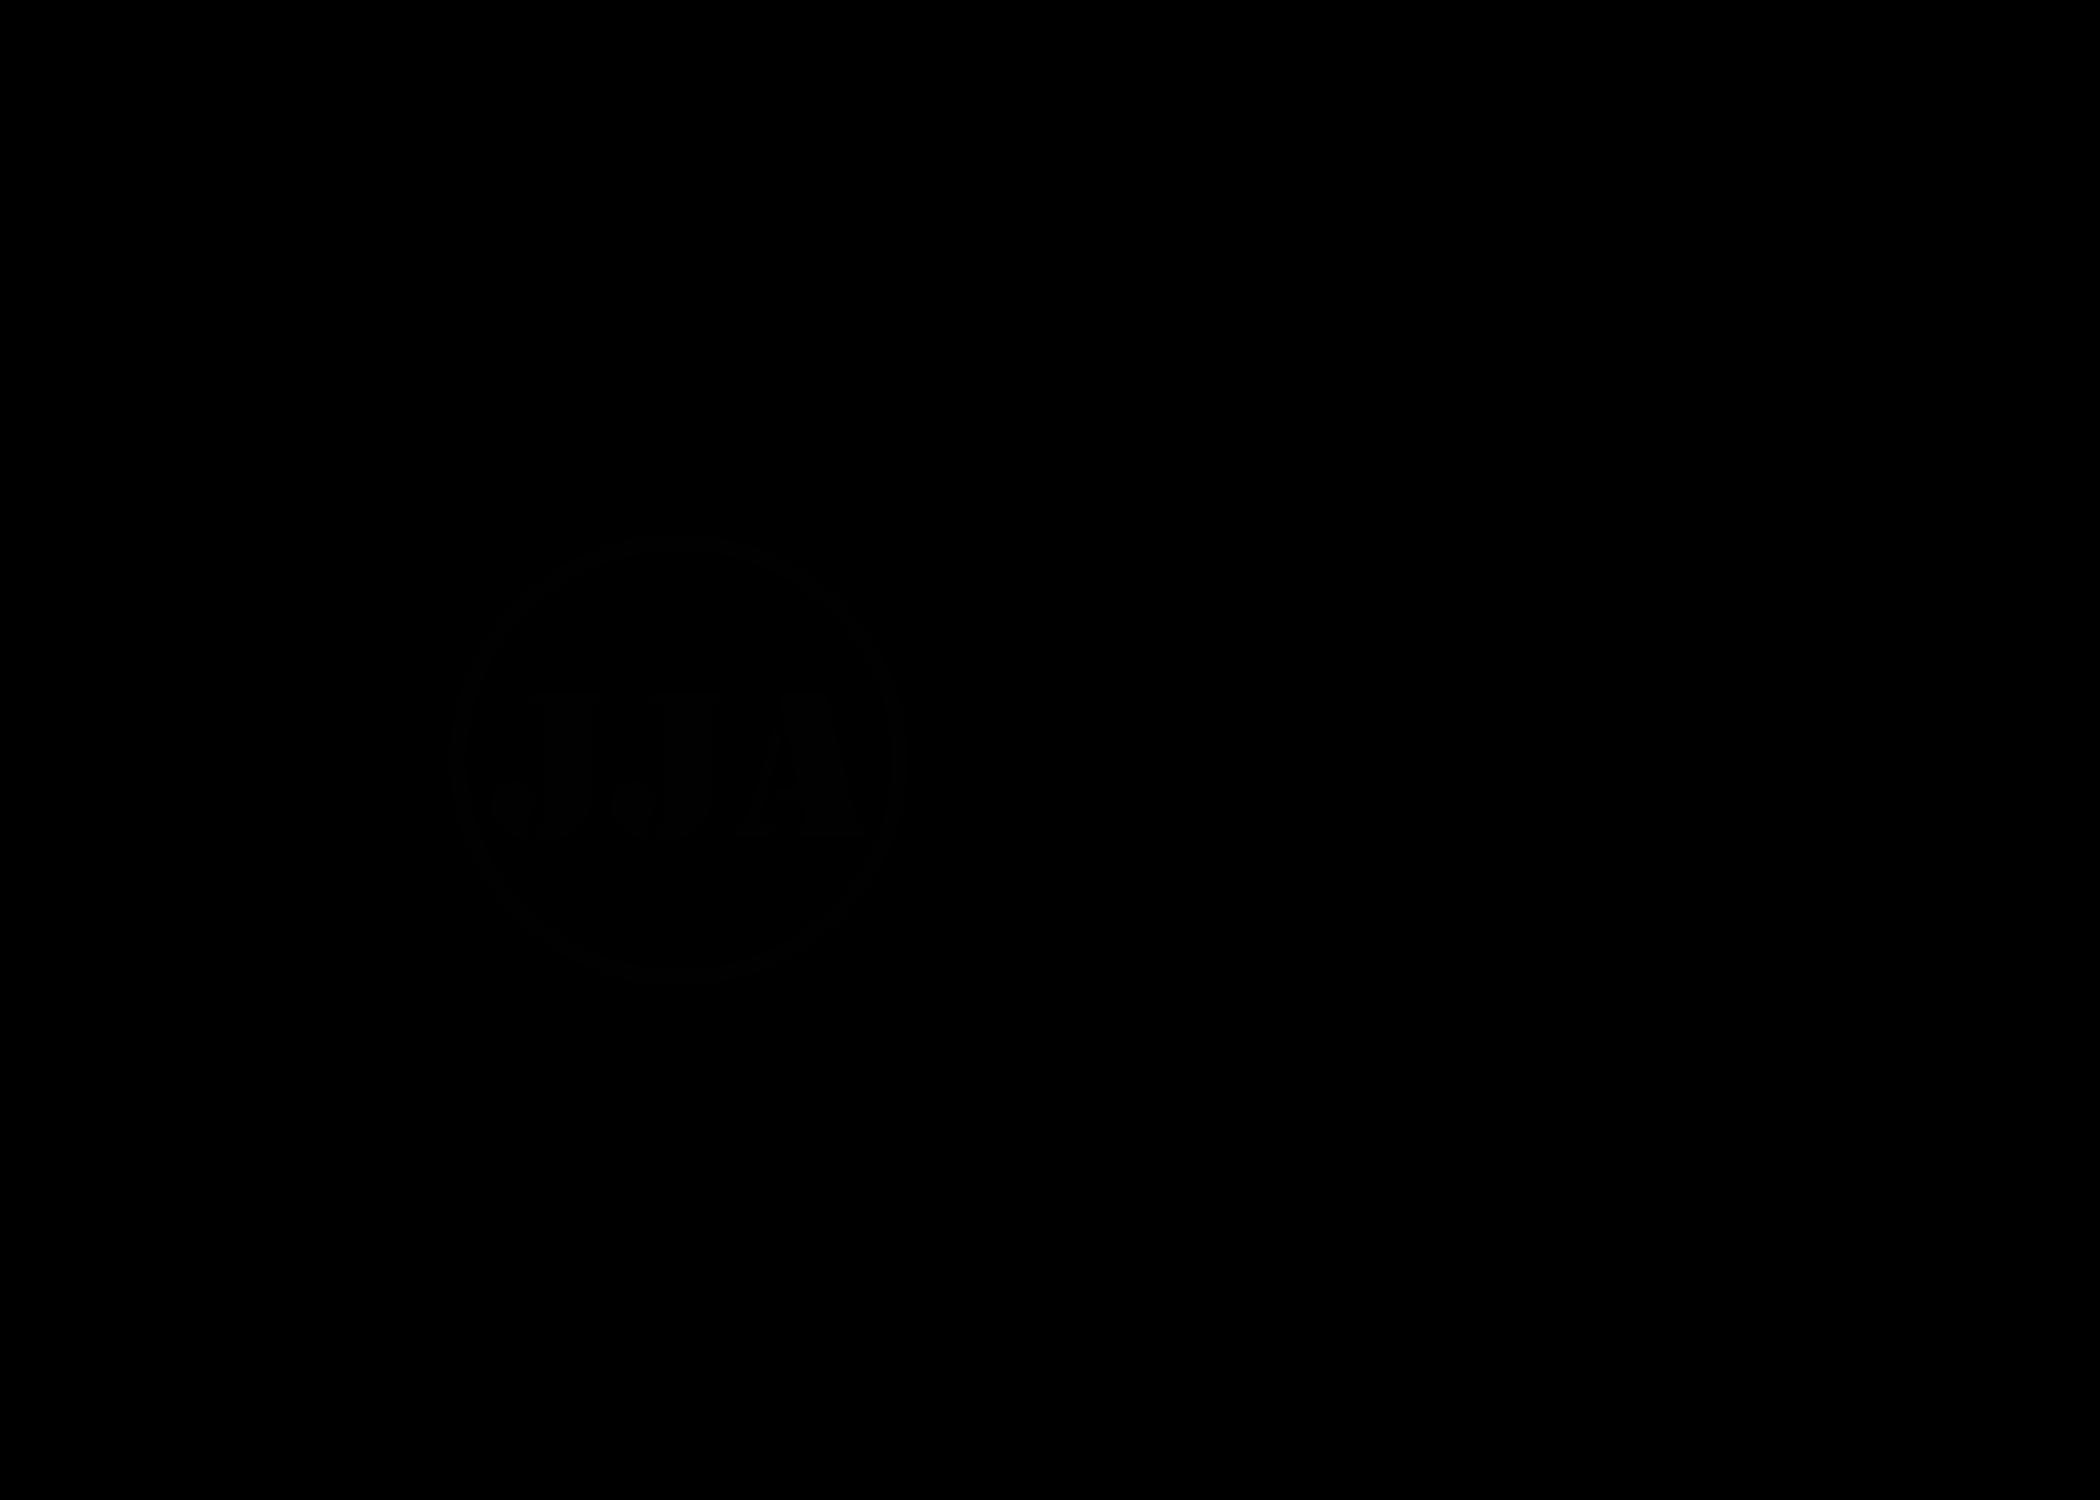 JJA-GOLF stencil black no back